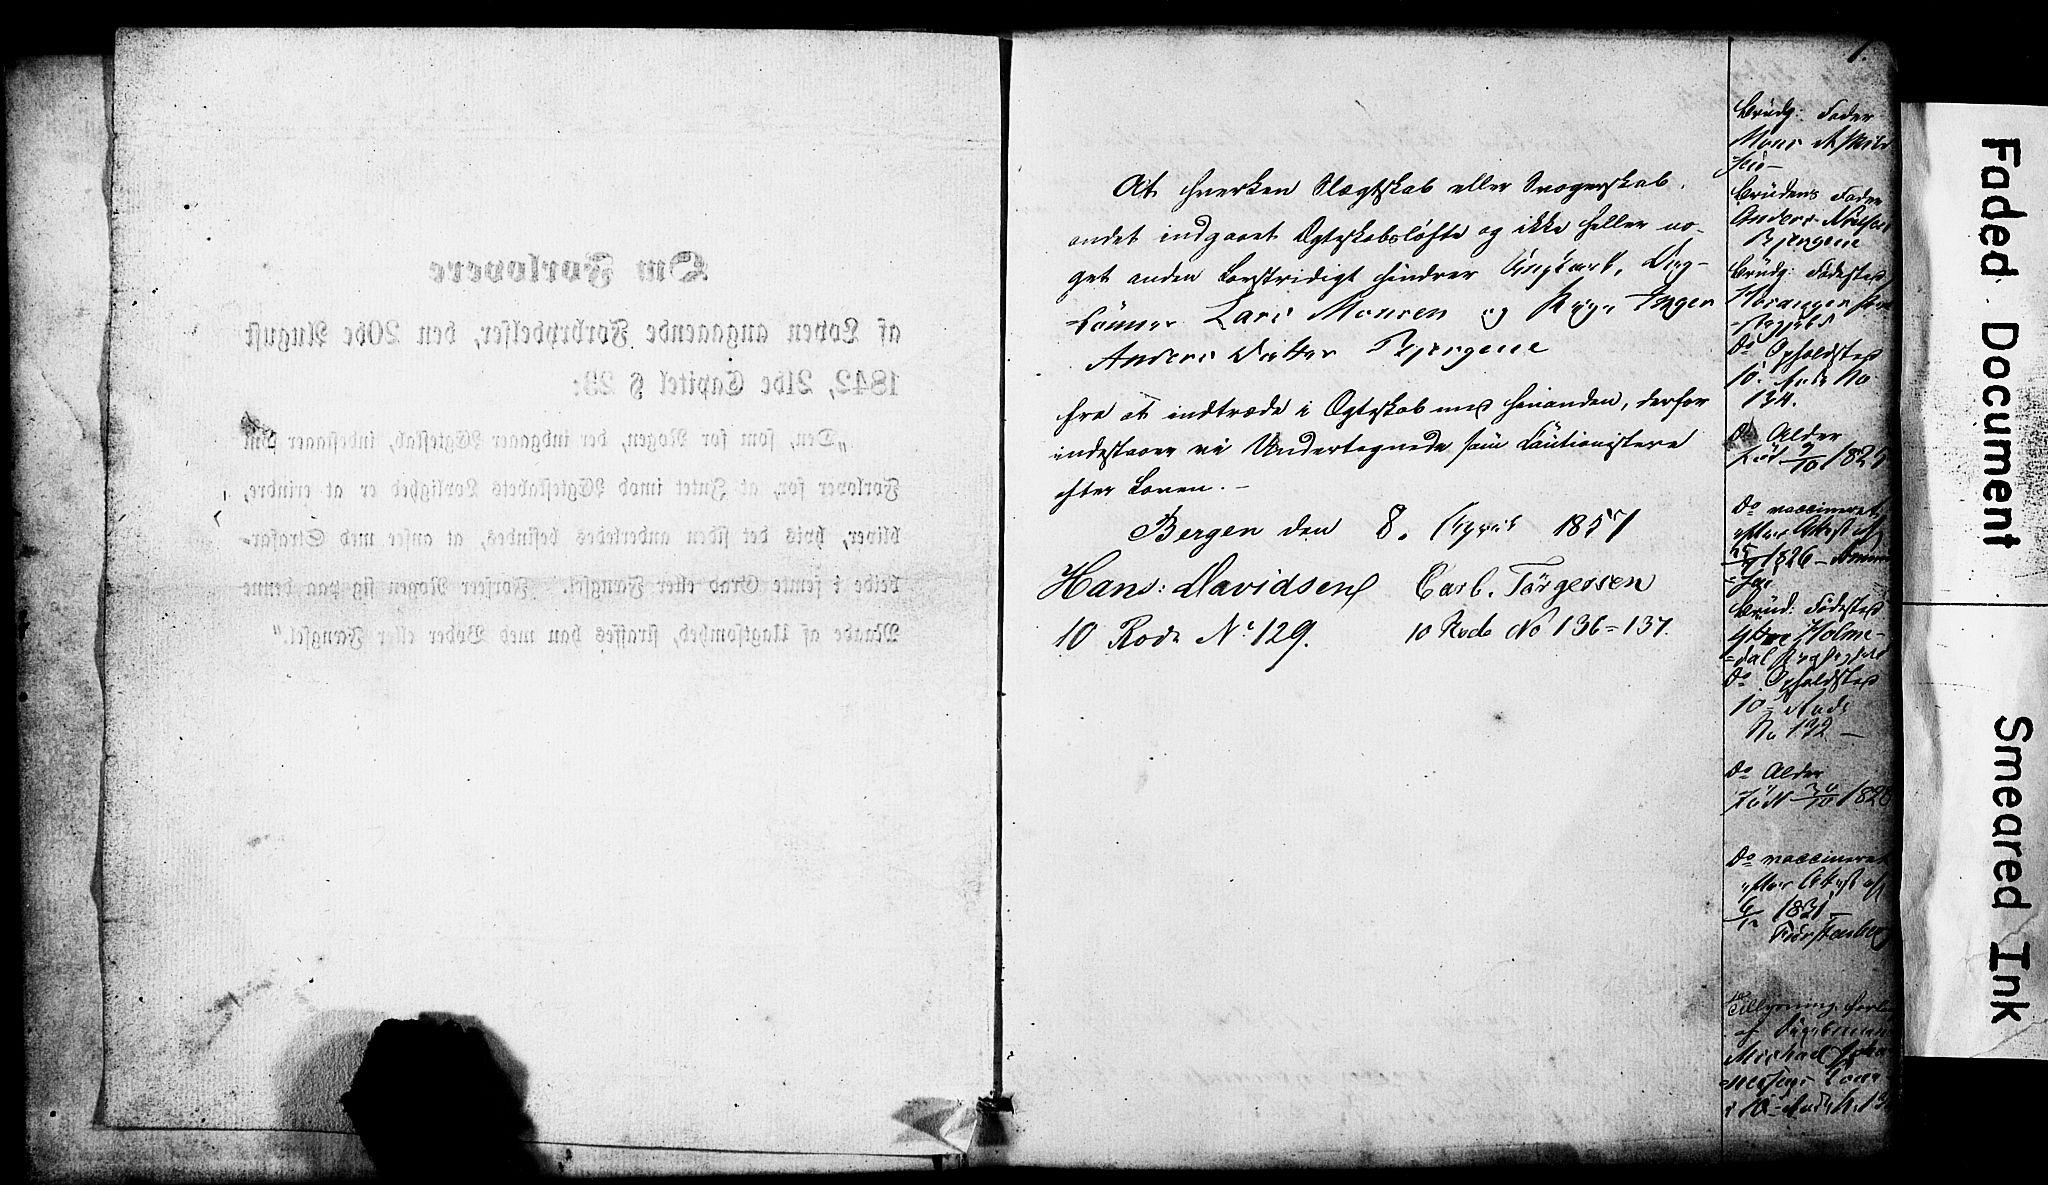 SAB, Domkirken Sokneprestembete, Forlovererklæringer nr. II.5.5, 1857-1863, s. 1